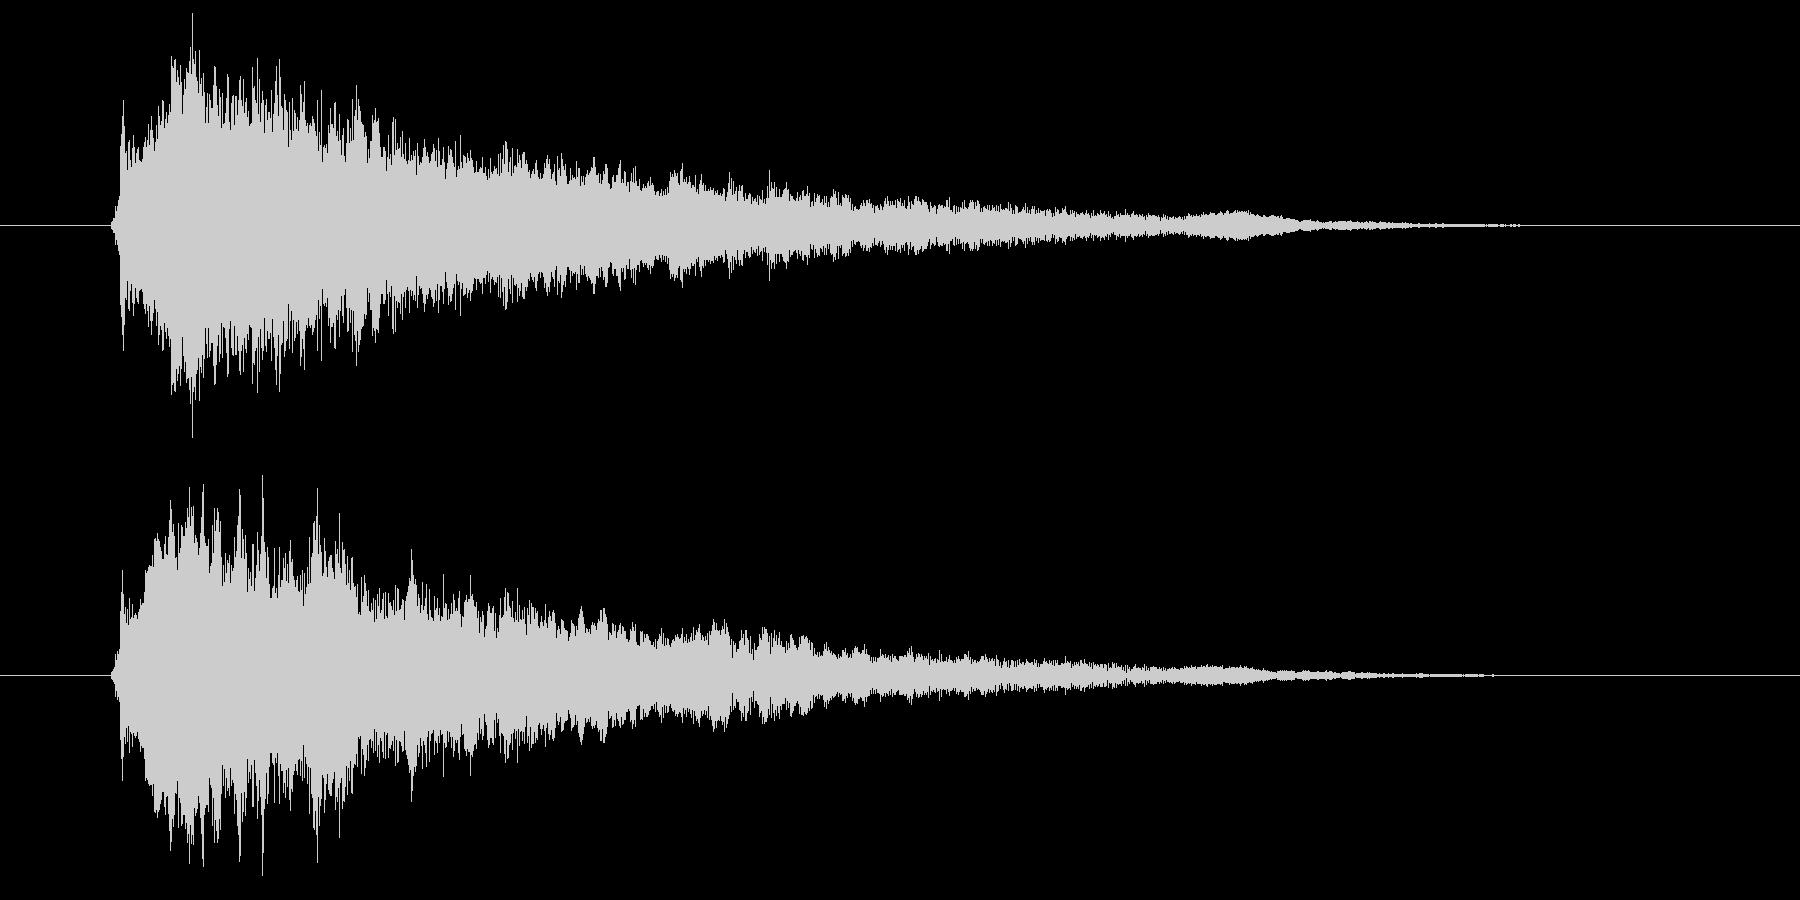 ゲームセレクト音などに使える近未来的SEの未再生の波形